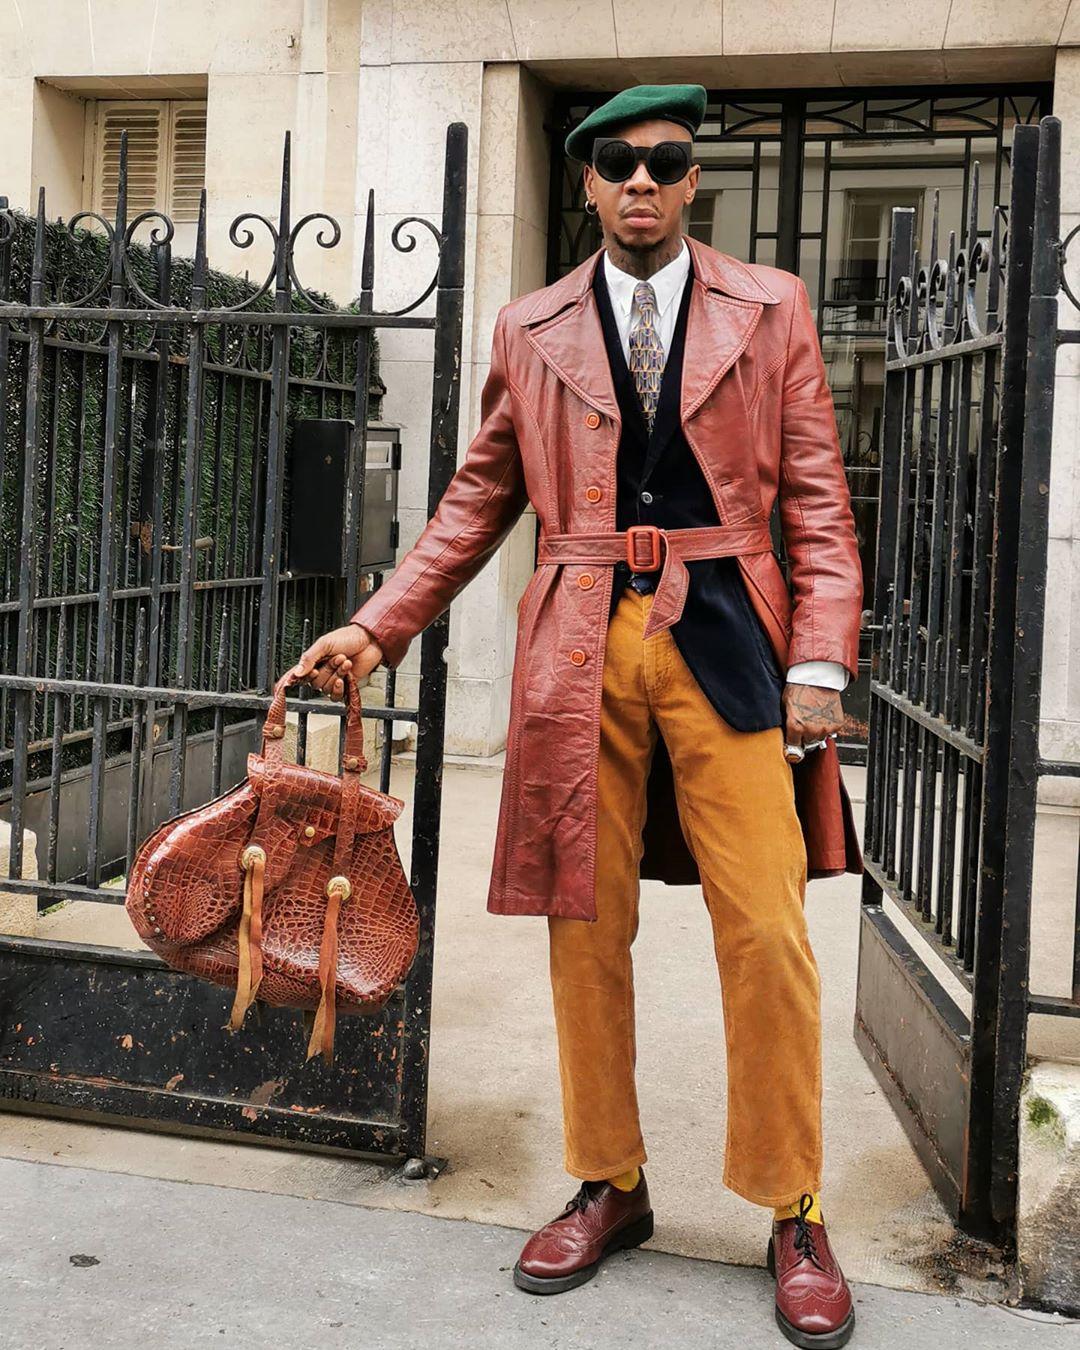 Retro Outfit For Men 50 Inspiring Trendy Ideas 2020 Photos